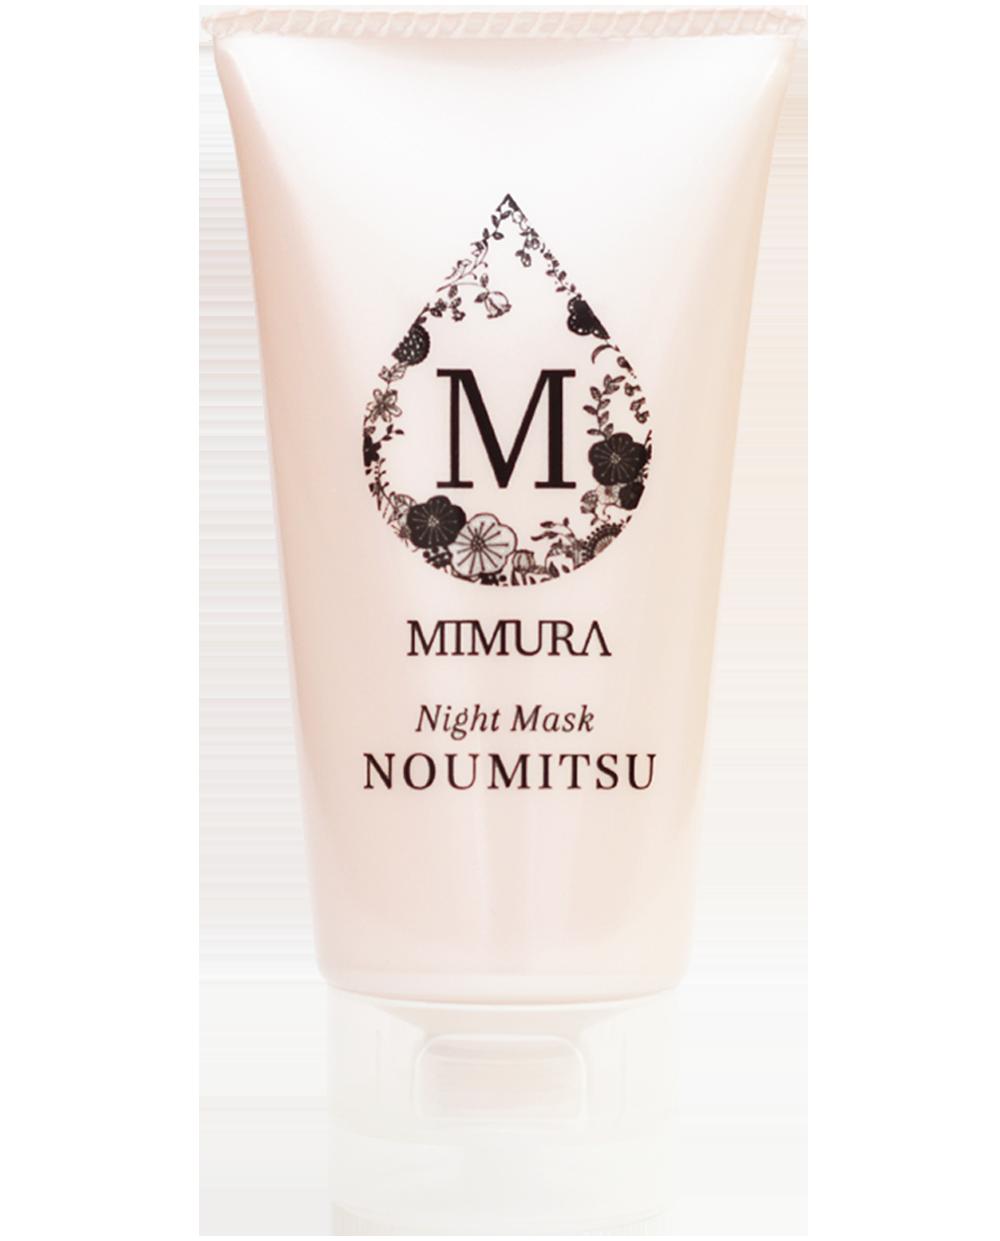 MIMURA NightMask NOUMITSU